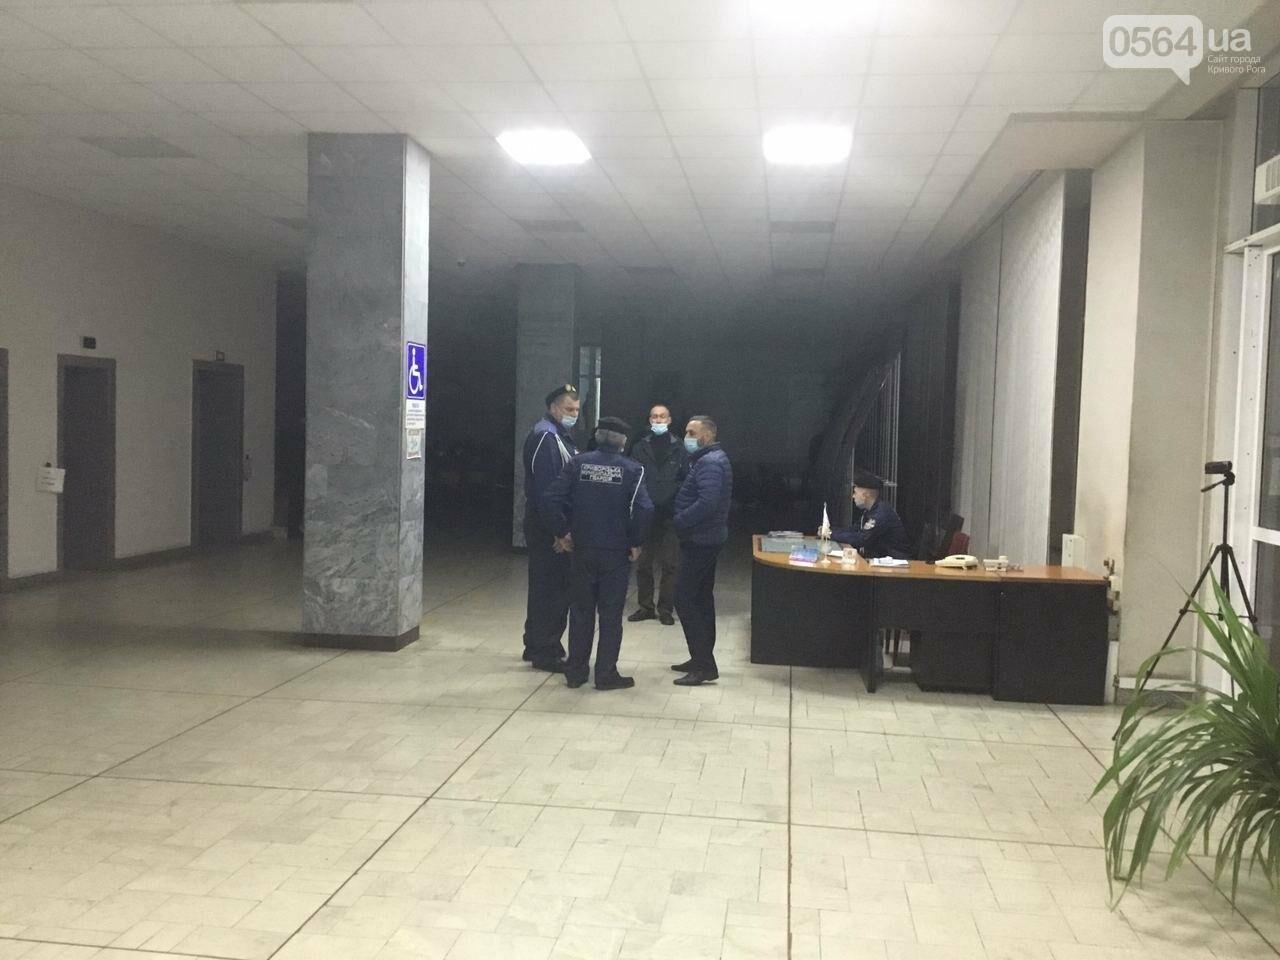 Криворожская городская избирательная комиссия приняла протоколы от более 25% УИК, - ФОТО, фото-7